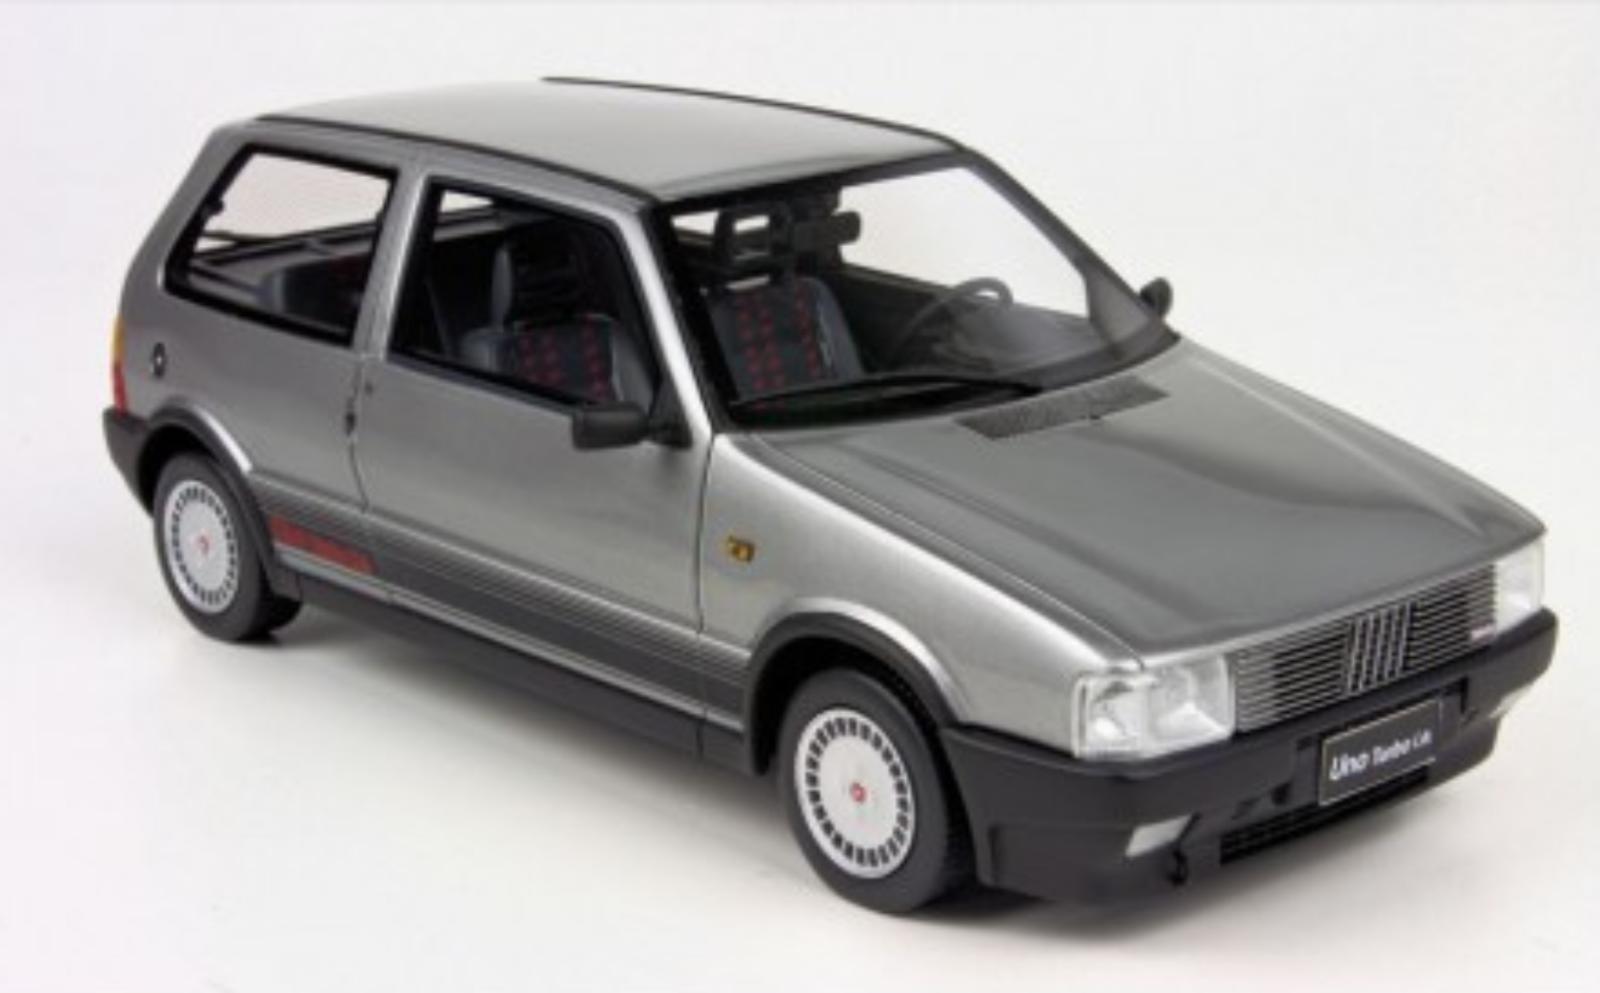 1 18 Fiat Uno Turbo 1986  1 18 • Top Marques TOP02B  économiser 35% - 70% de réduction